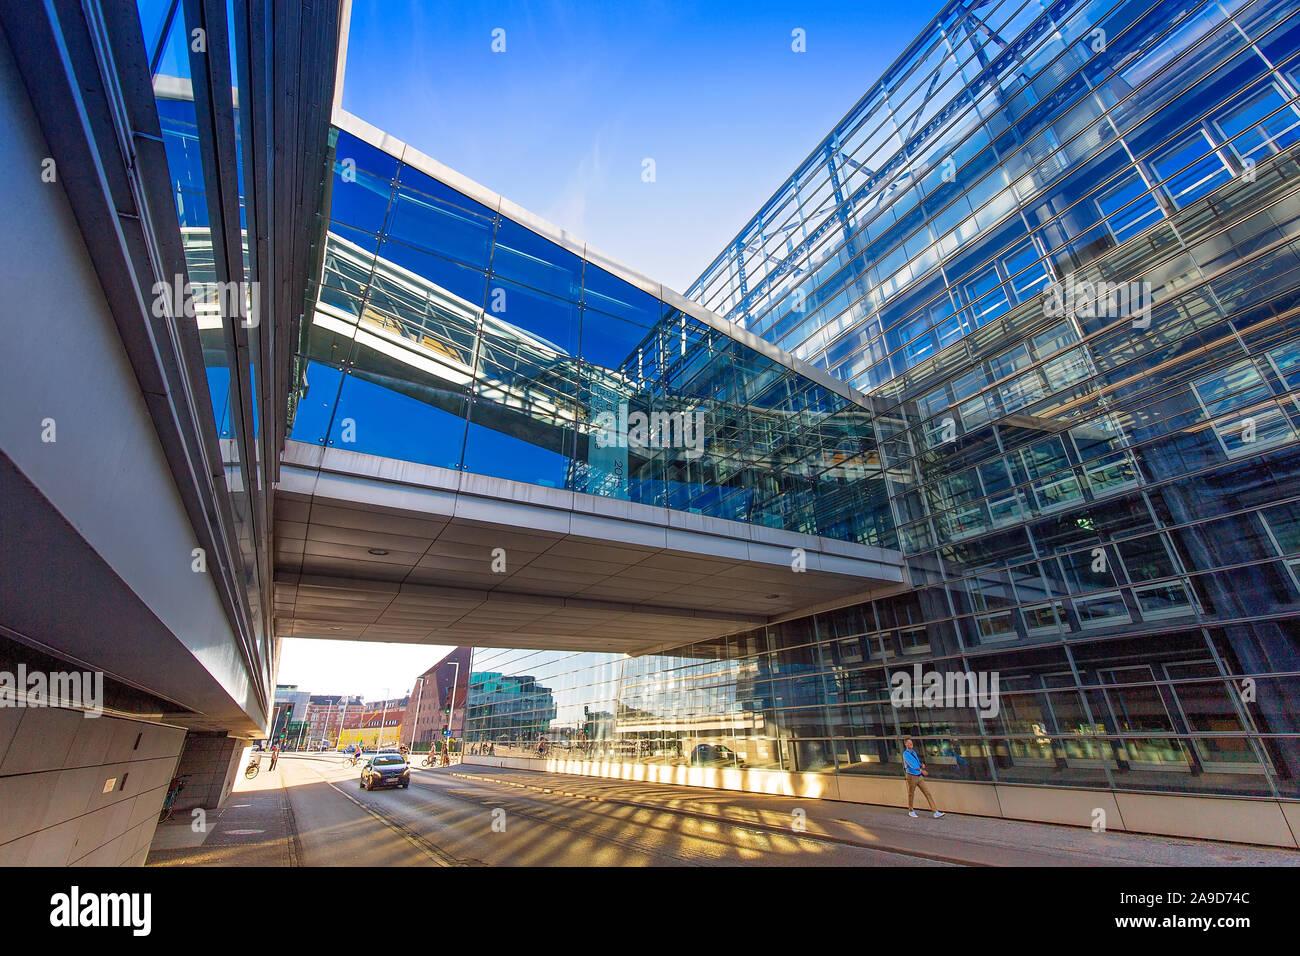 Copenhague, Dinamarca, del 2 de agosto, 2019: la Royal Library, la biblioteca nacional de Dinamarca y la biblioteca universitaria de la Universidad de Copenhague, una de las t Foto de stock